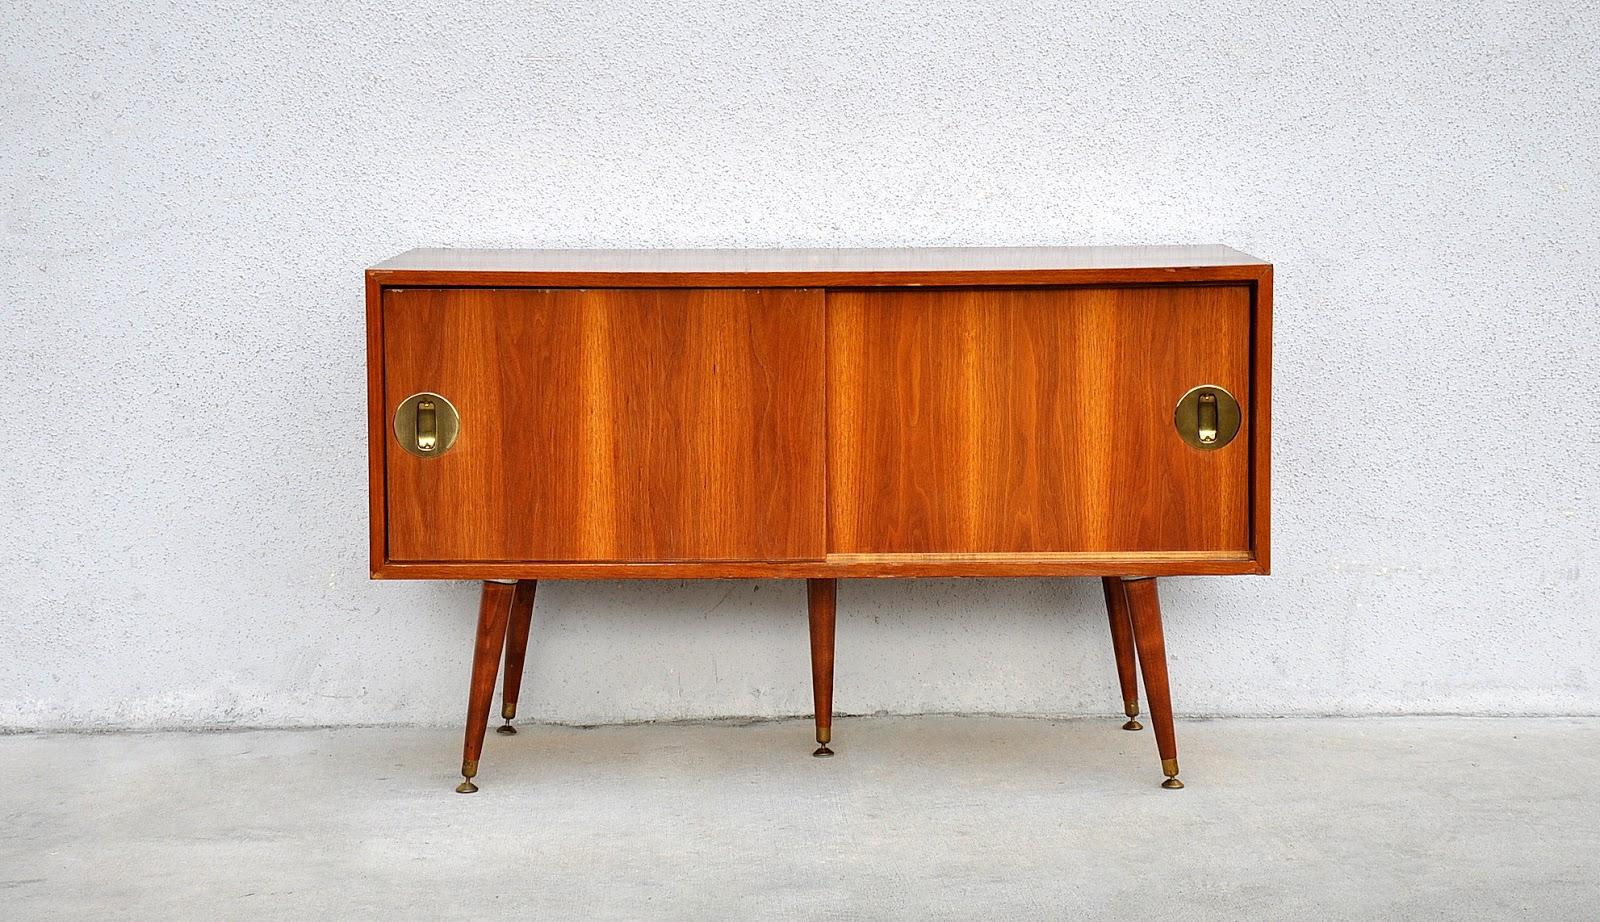 Wooden vintage bar cabinet design mid century modern